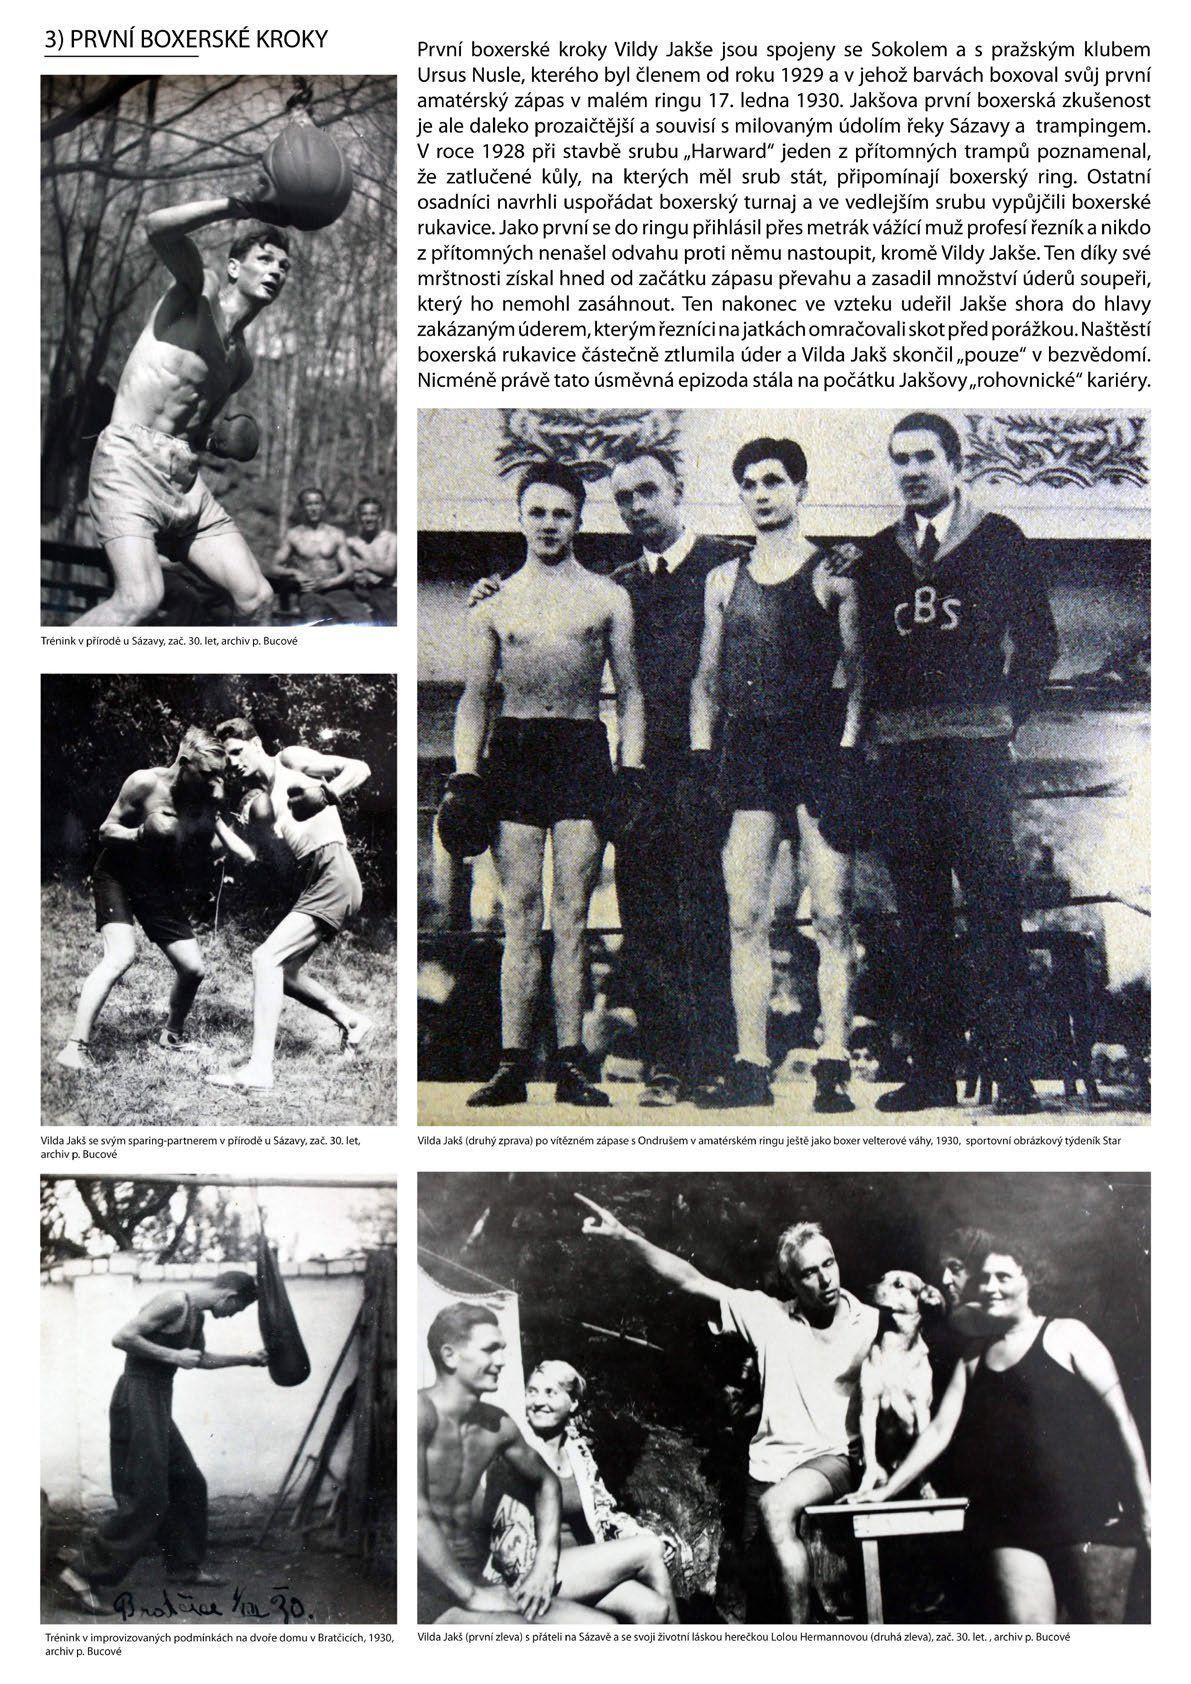 Foto Vilda Jakš - první boxerské kroky